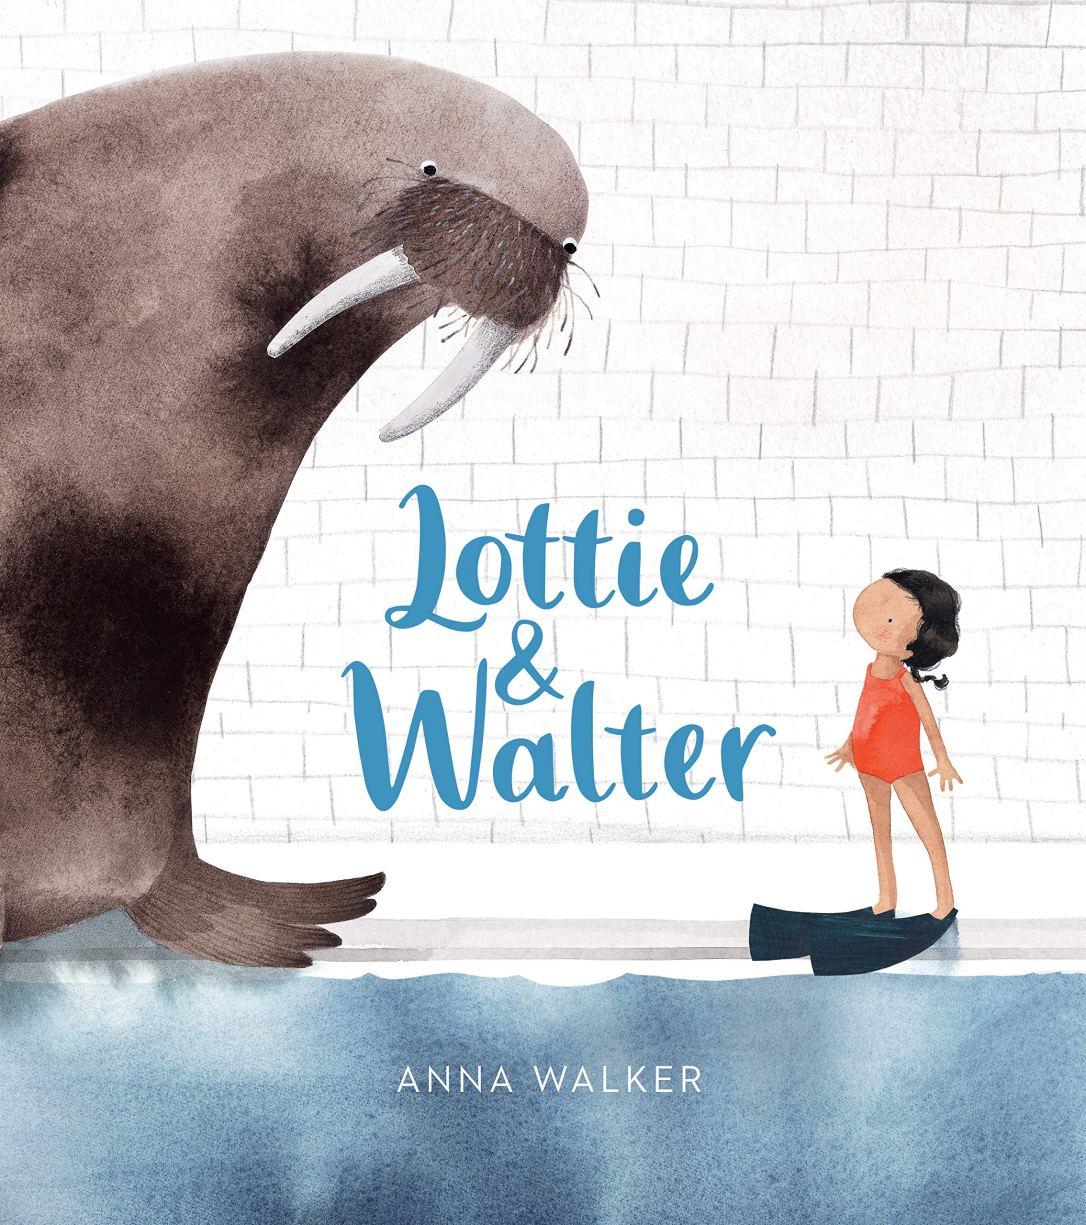 Lottie & Walter by Anna Walker